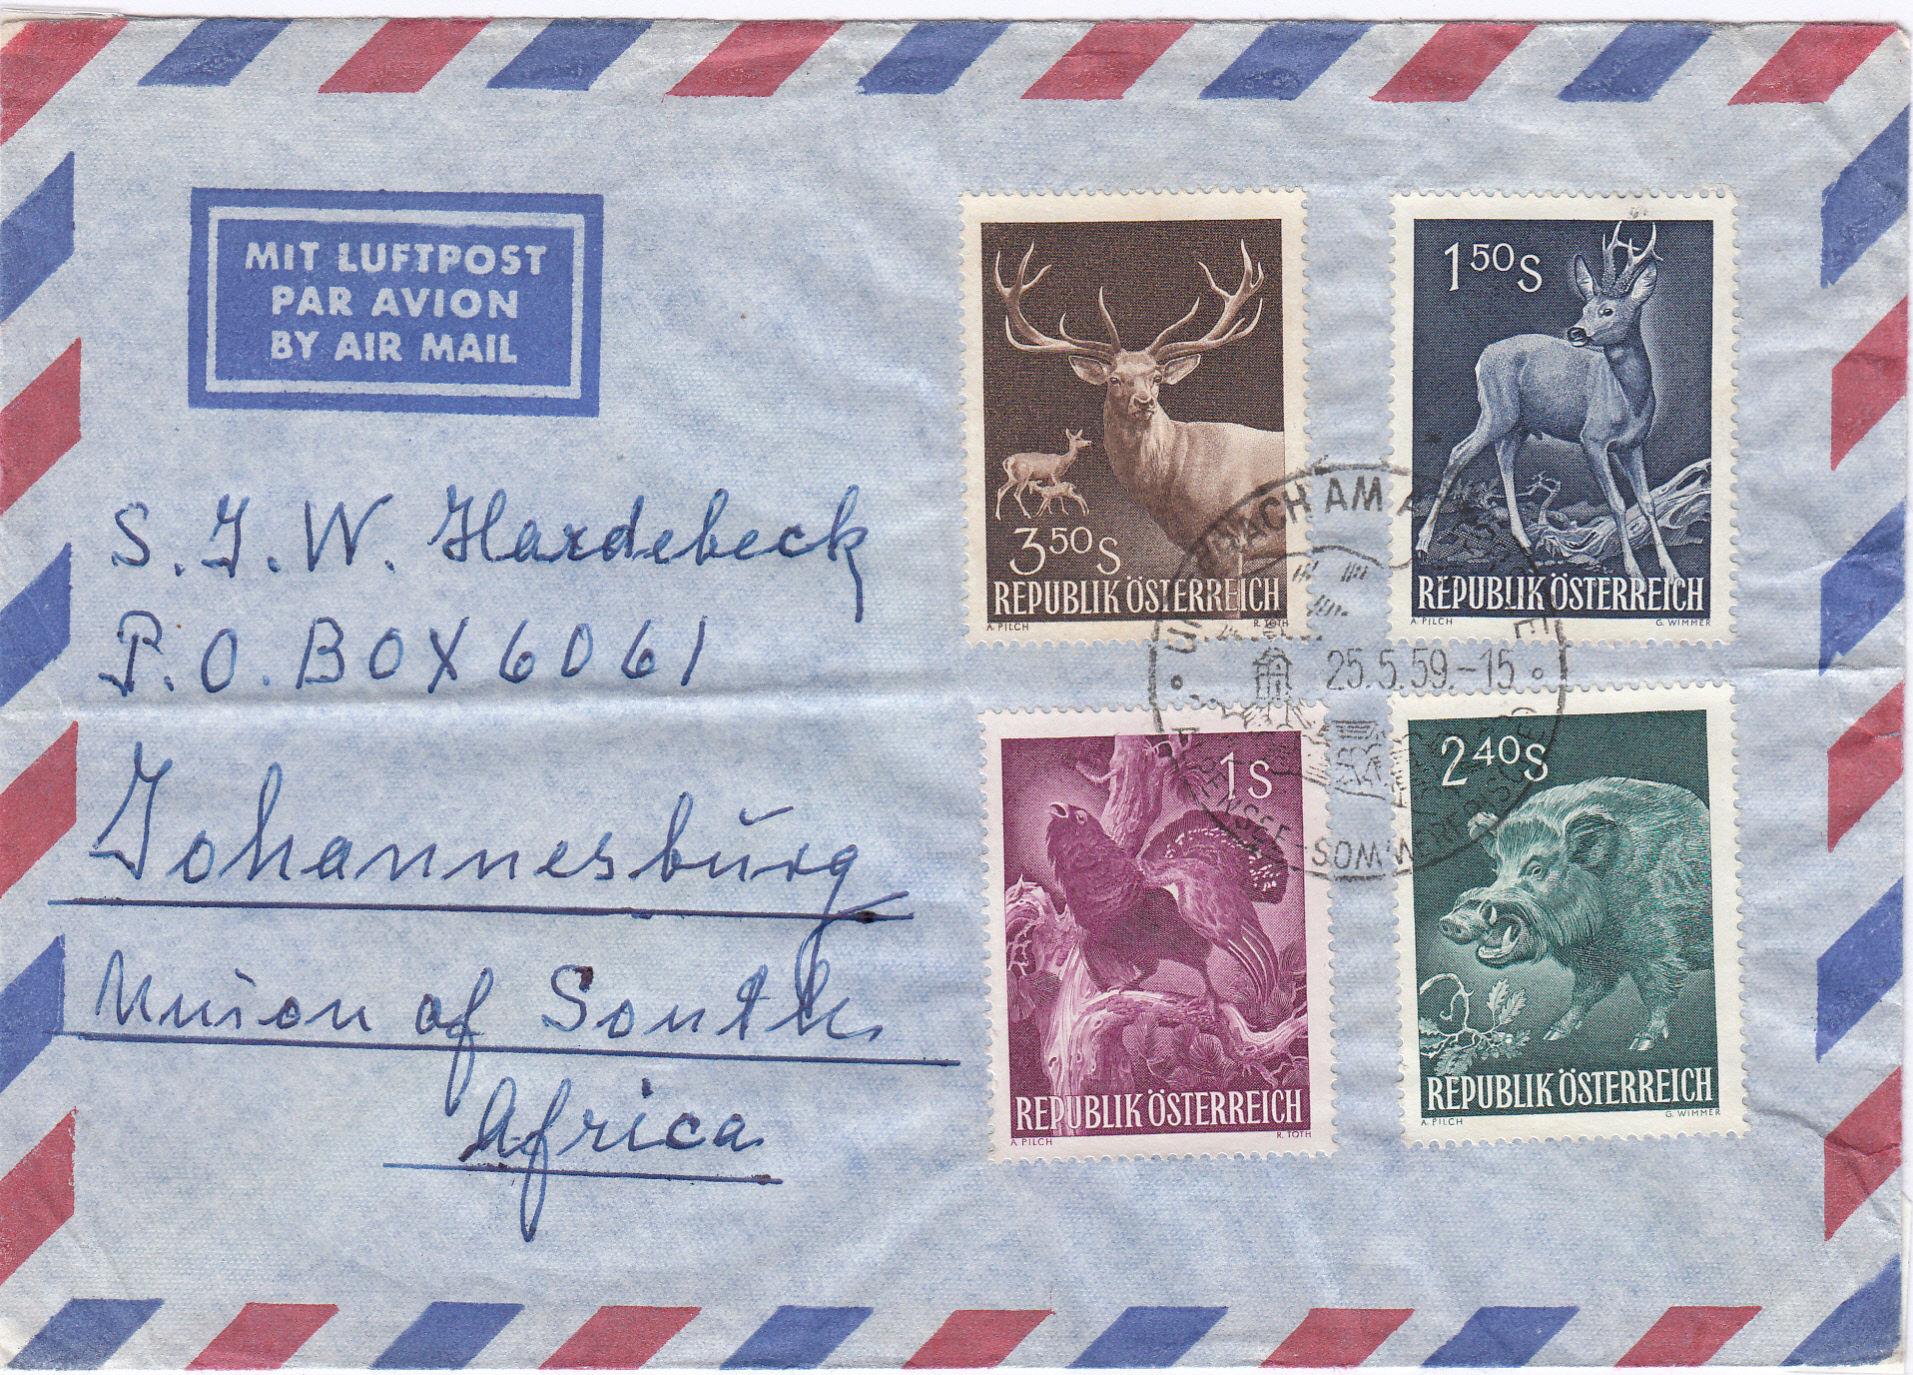 Sammlung Bedarfsbriefe Österreich ab 1945 - Seite 13 Img_0191